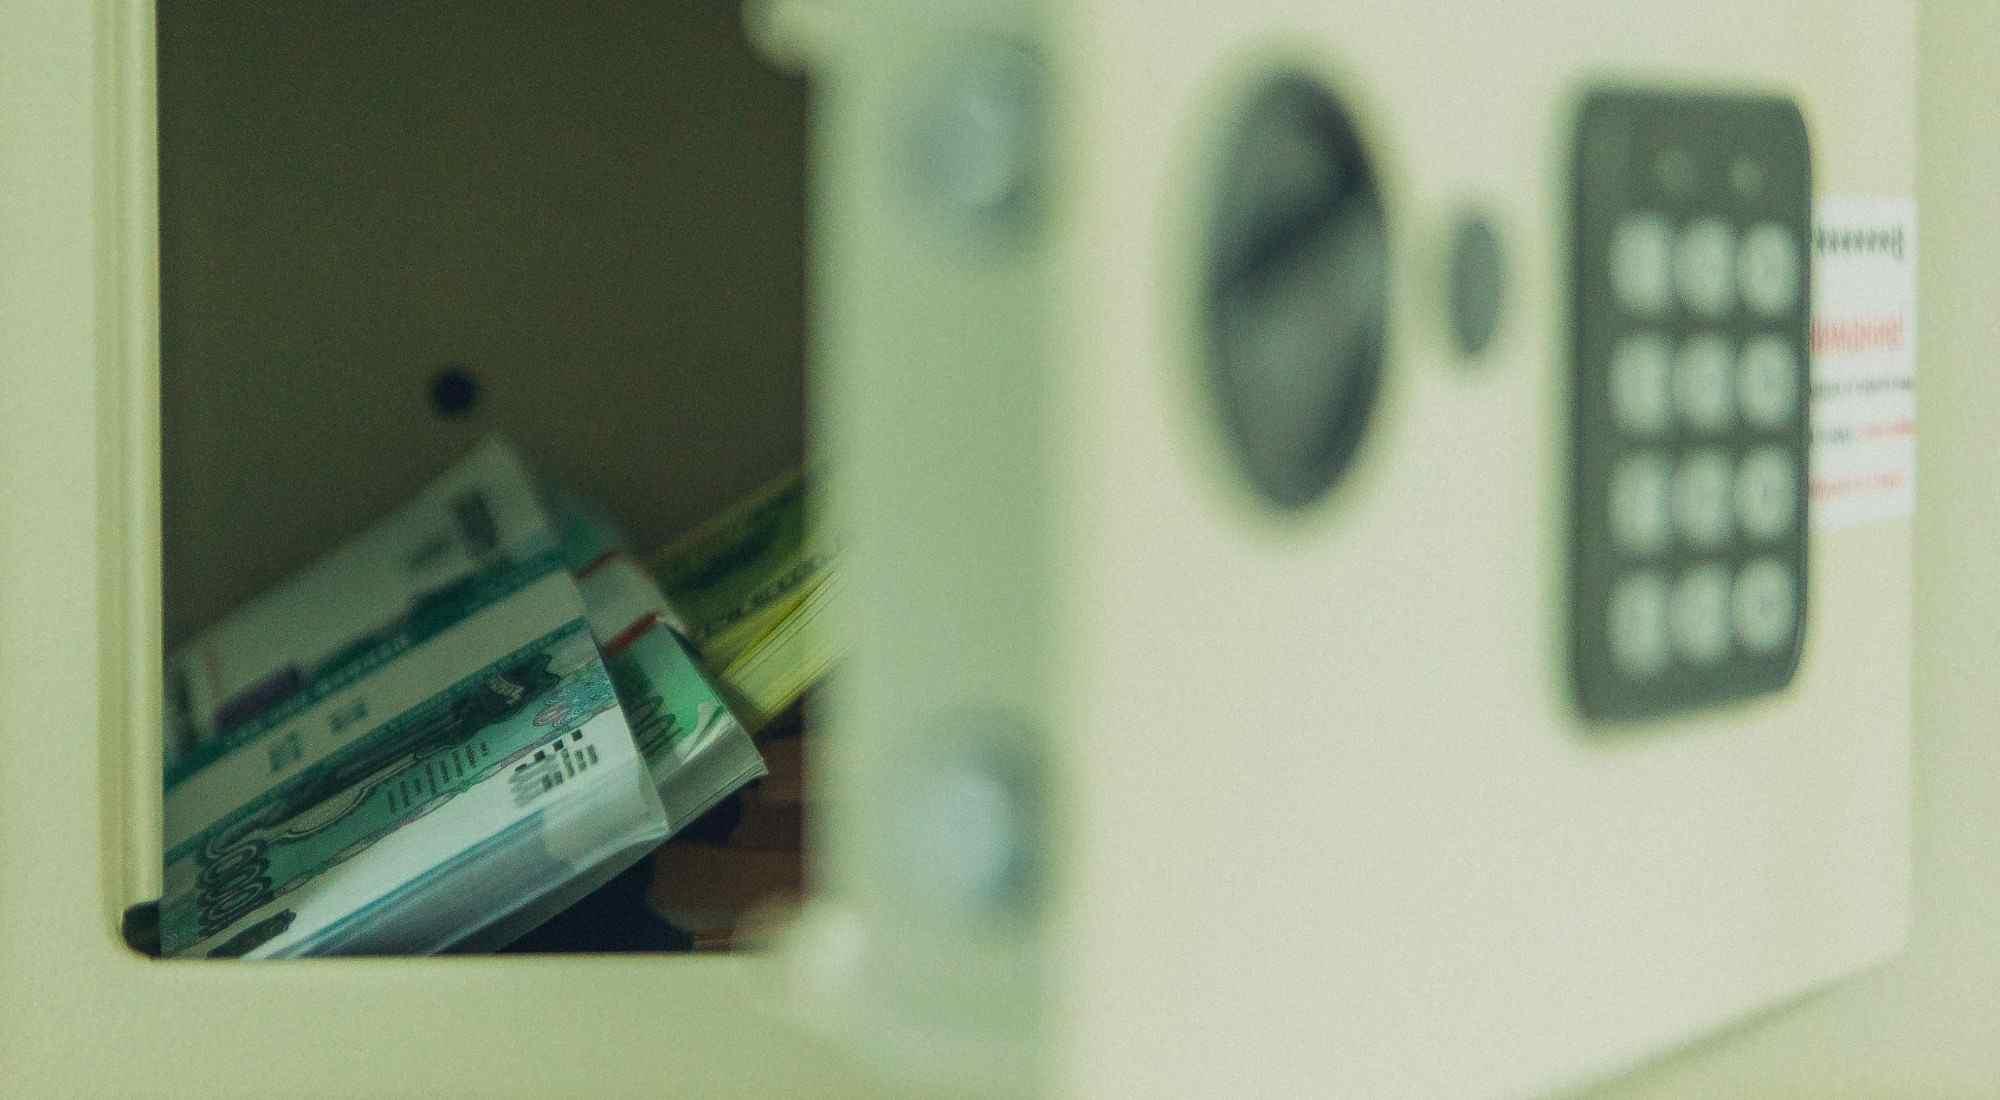 Квест Ограбление банка в Кемерово фото 1